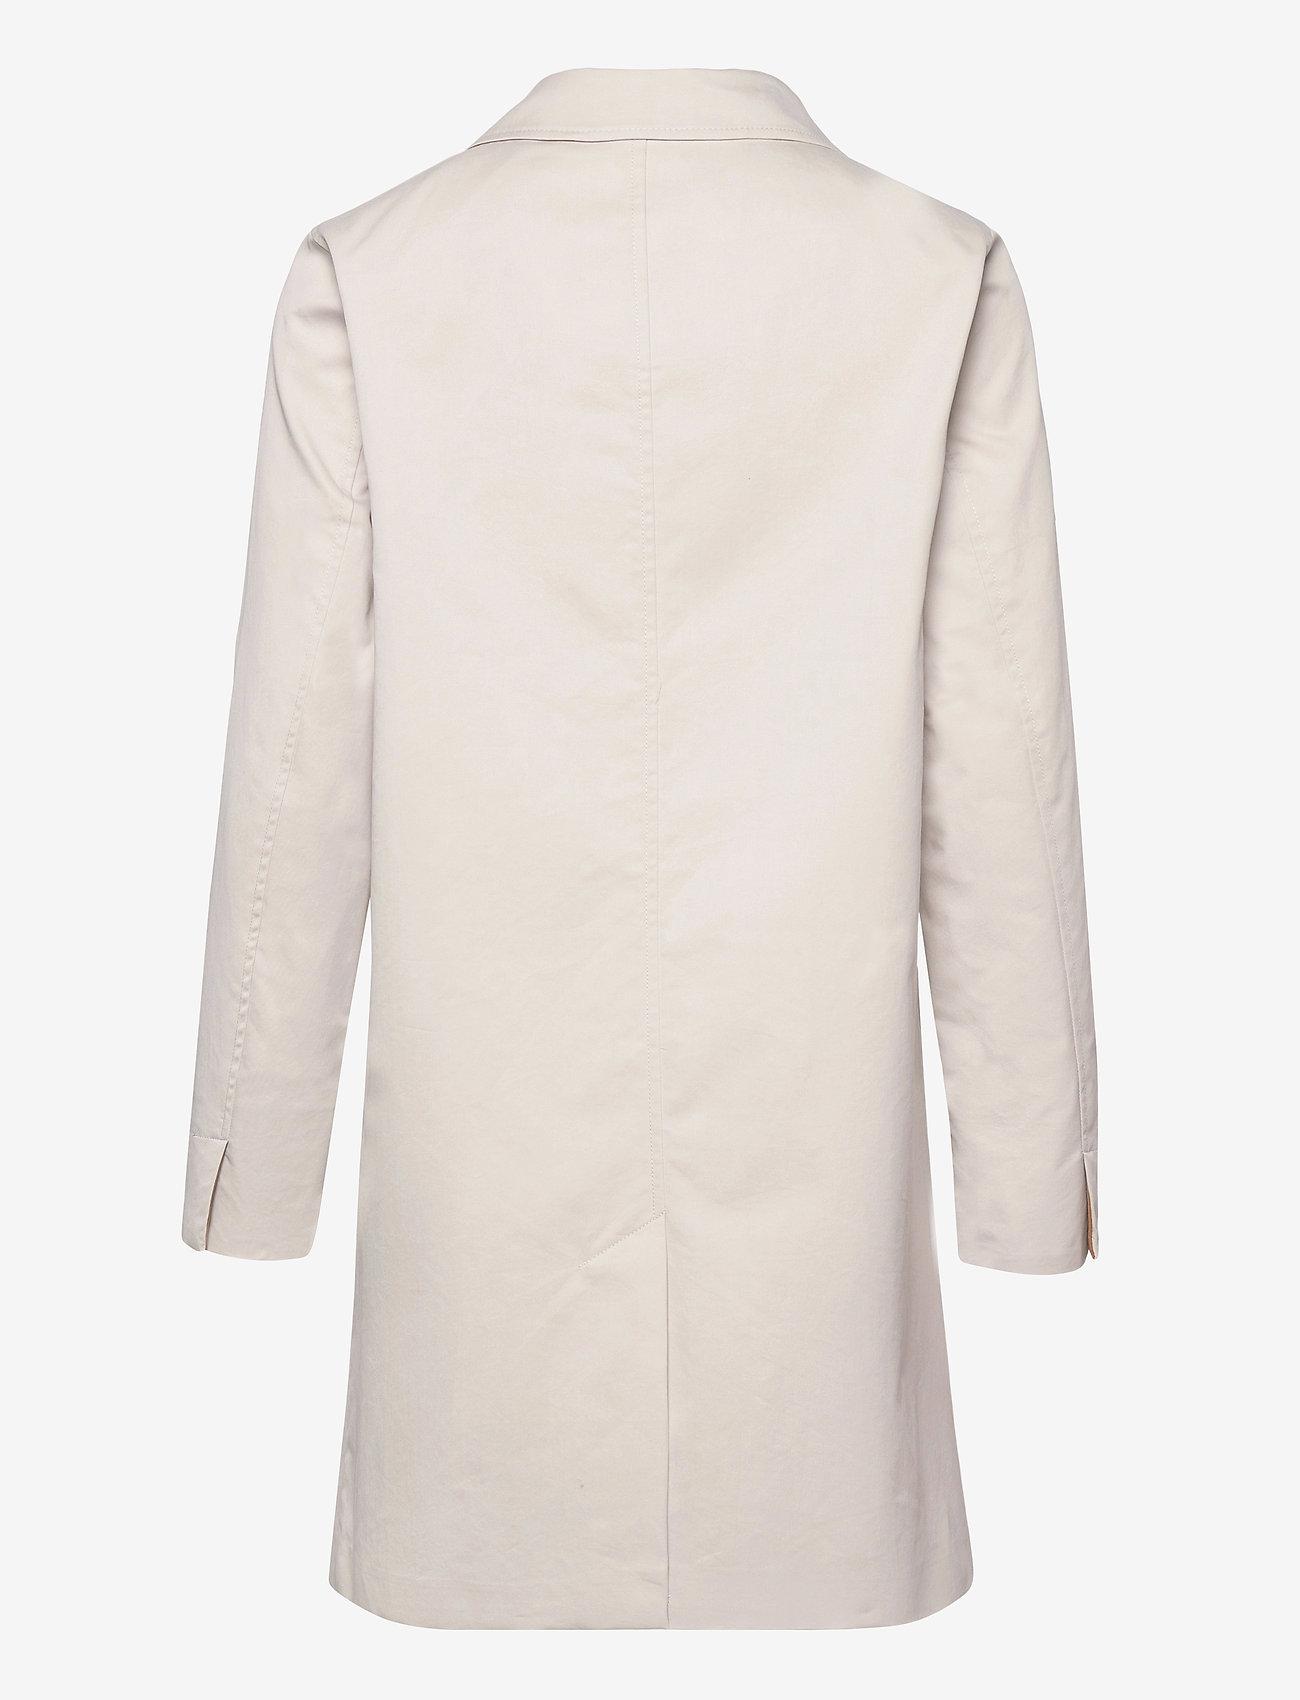 Esprit Casual - Coats woven - manteaux legères - cream beige - 1